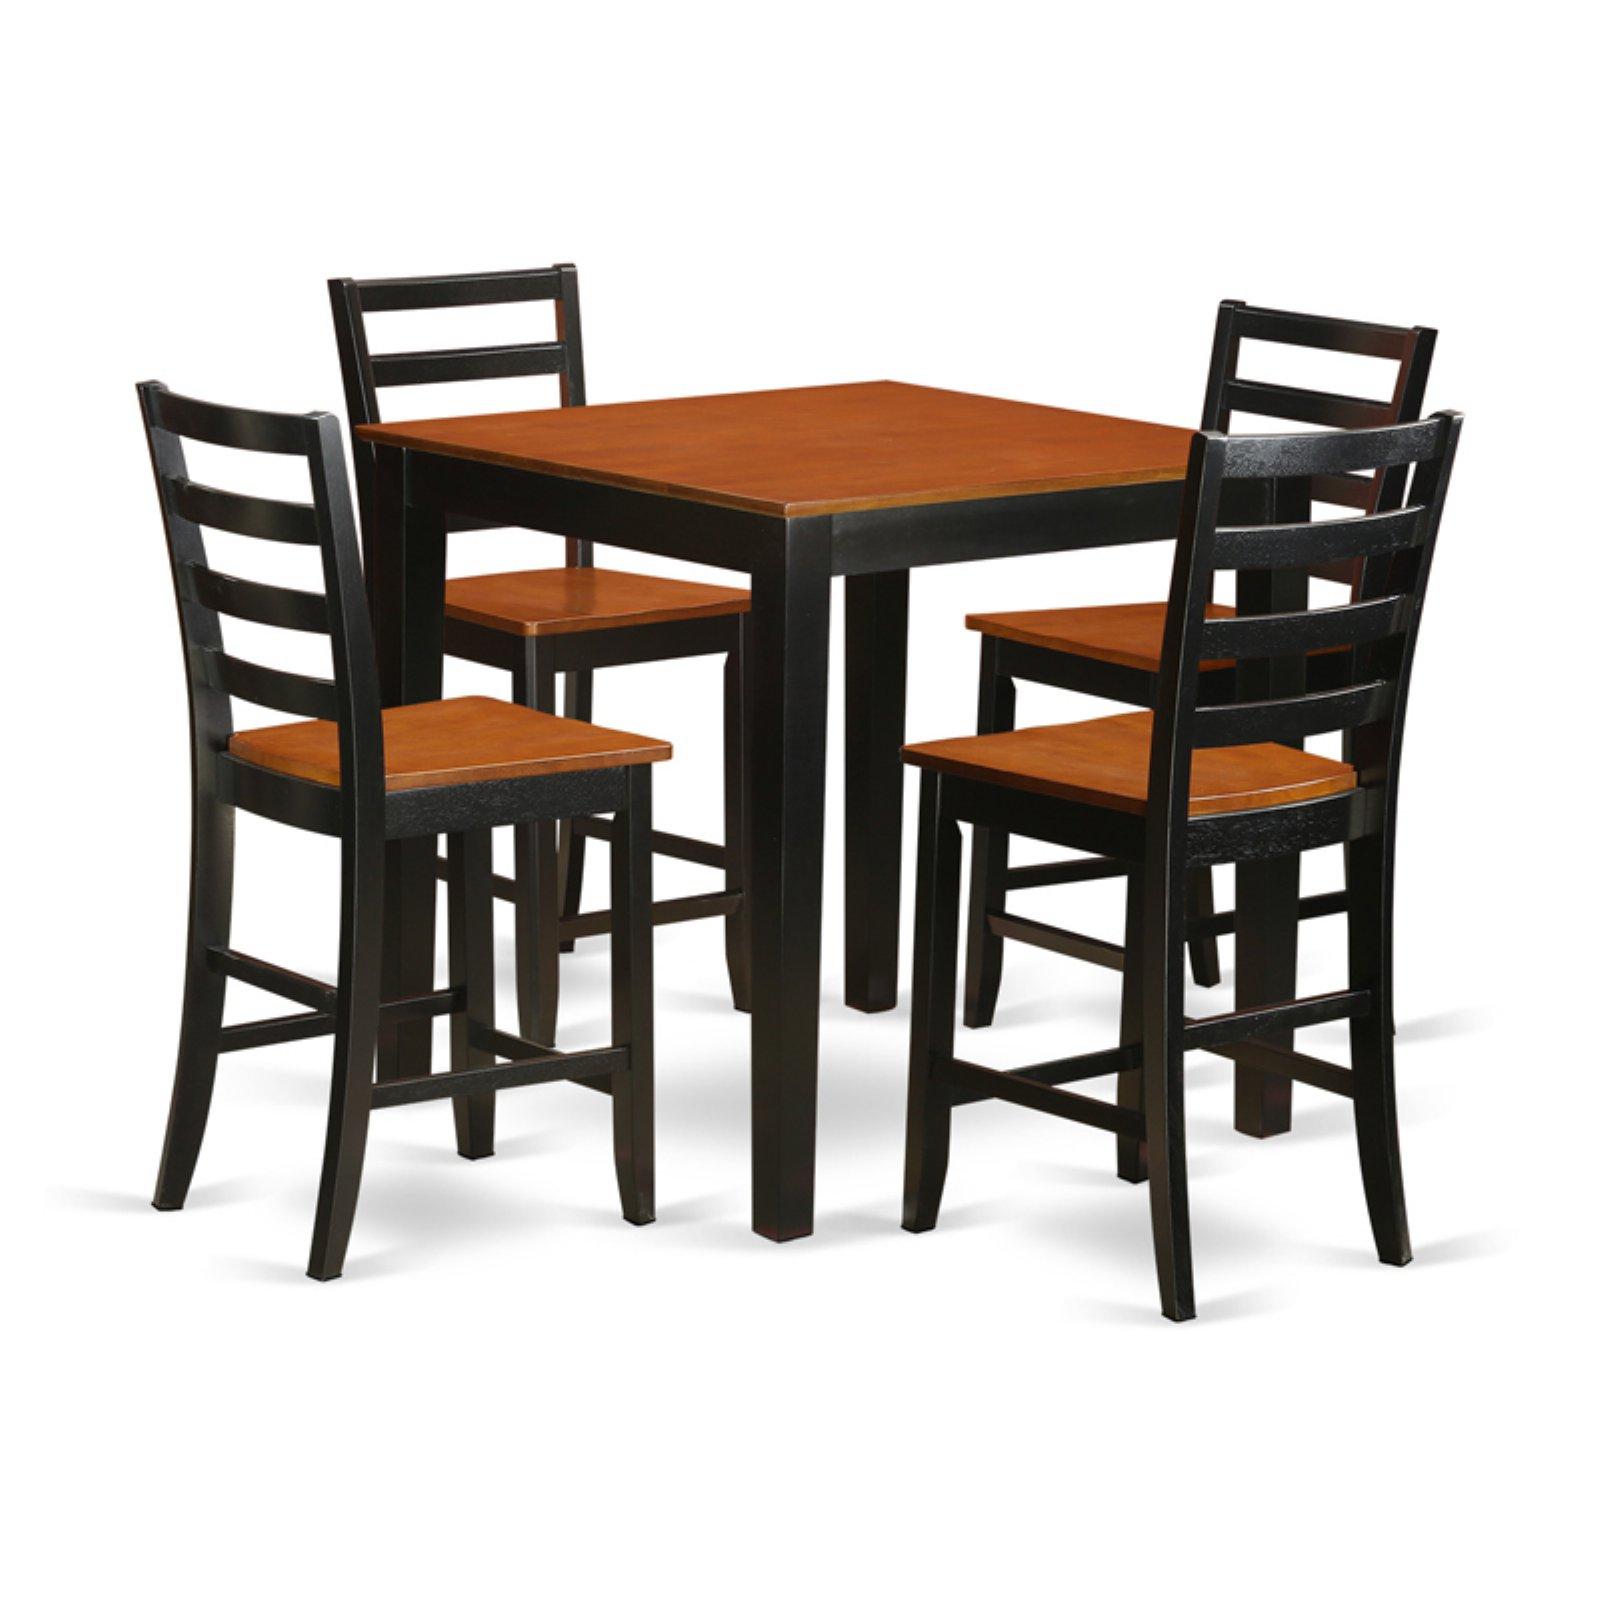 East West Furniture Pub 5 Piece Ladder Back Dining Table Set